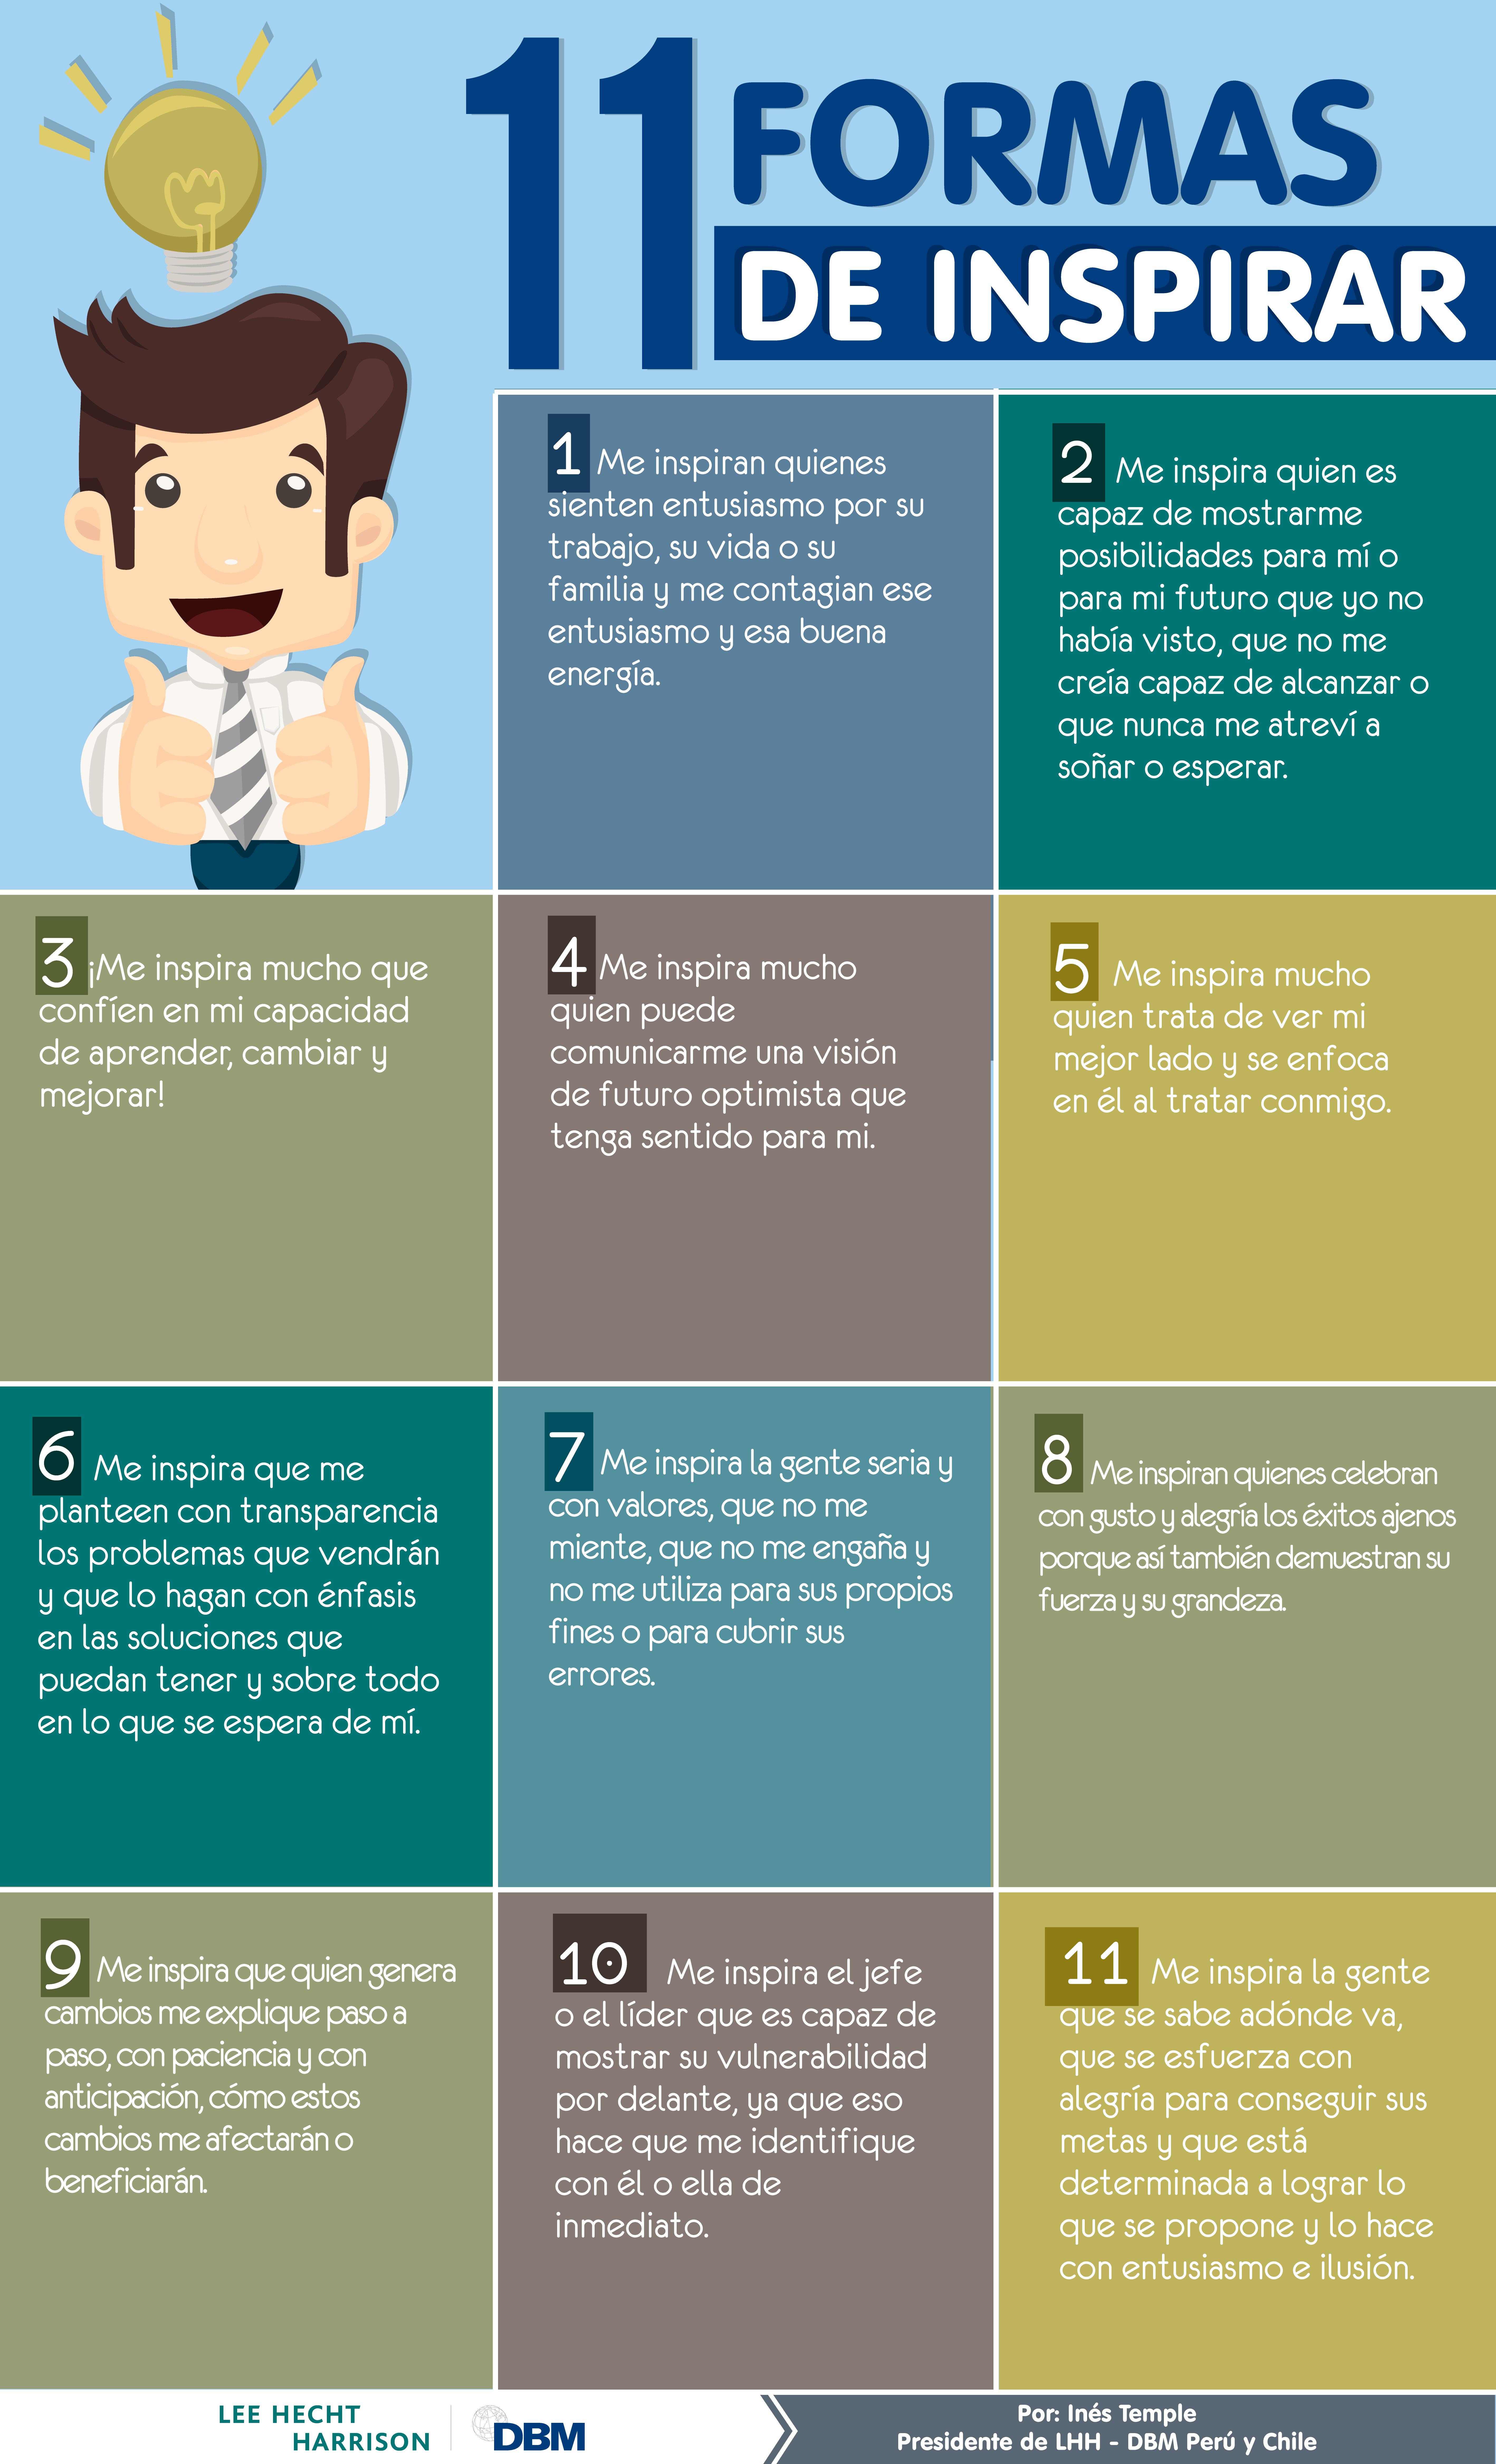 infografia 11 formas de inspirar